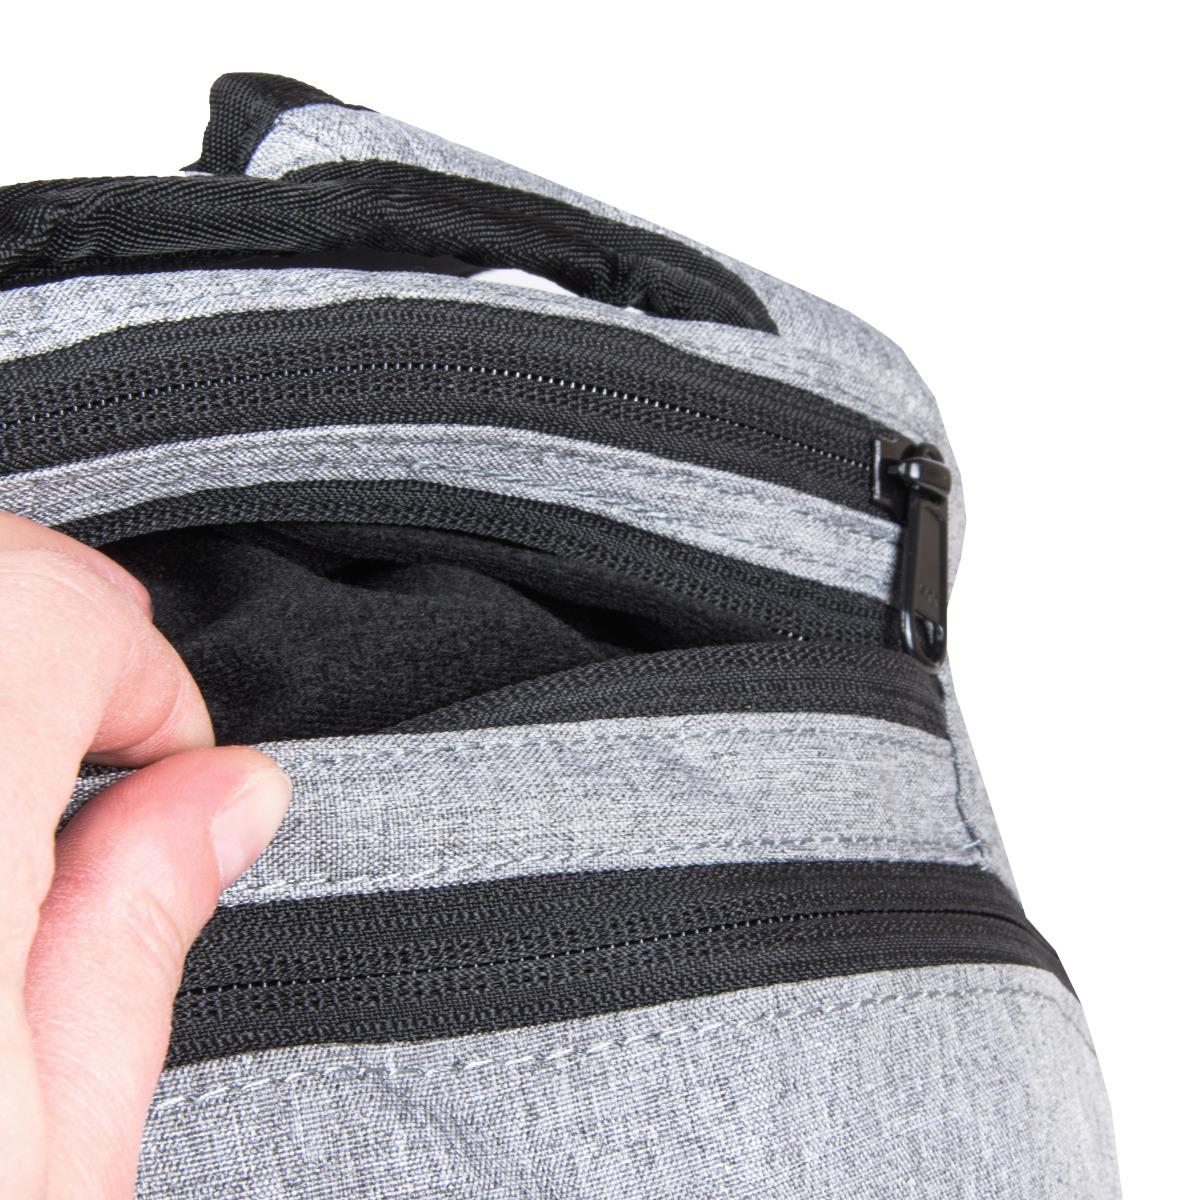 Dakine Explorer 26L Sellwood Študentský batoh Dakine Explorer je vhodný pre aktívnych študentov, milovníkov skate parkov aj pre bežné nosenie po meste.  - veľký hlavný oddiel s vystuženým vreckom na notebook (15